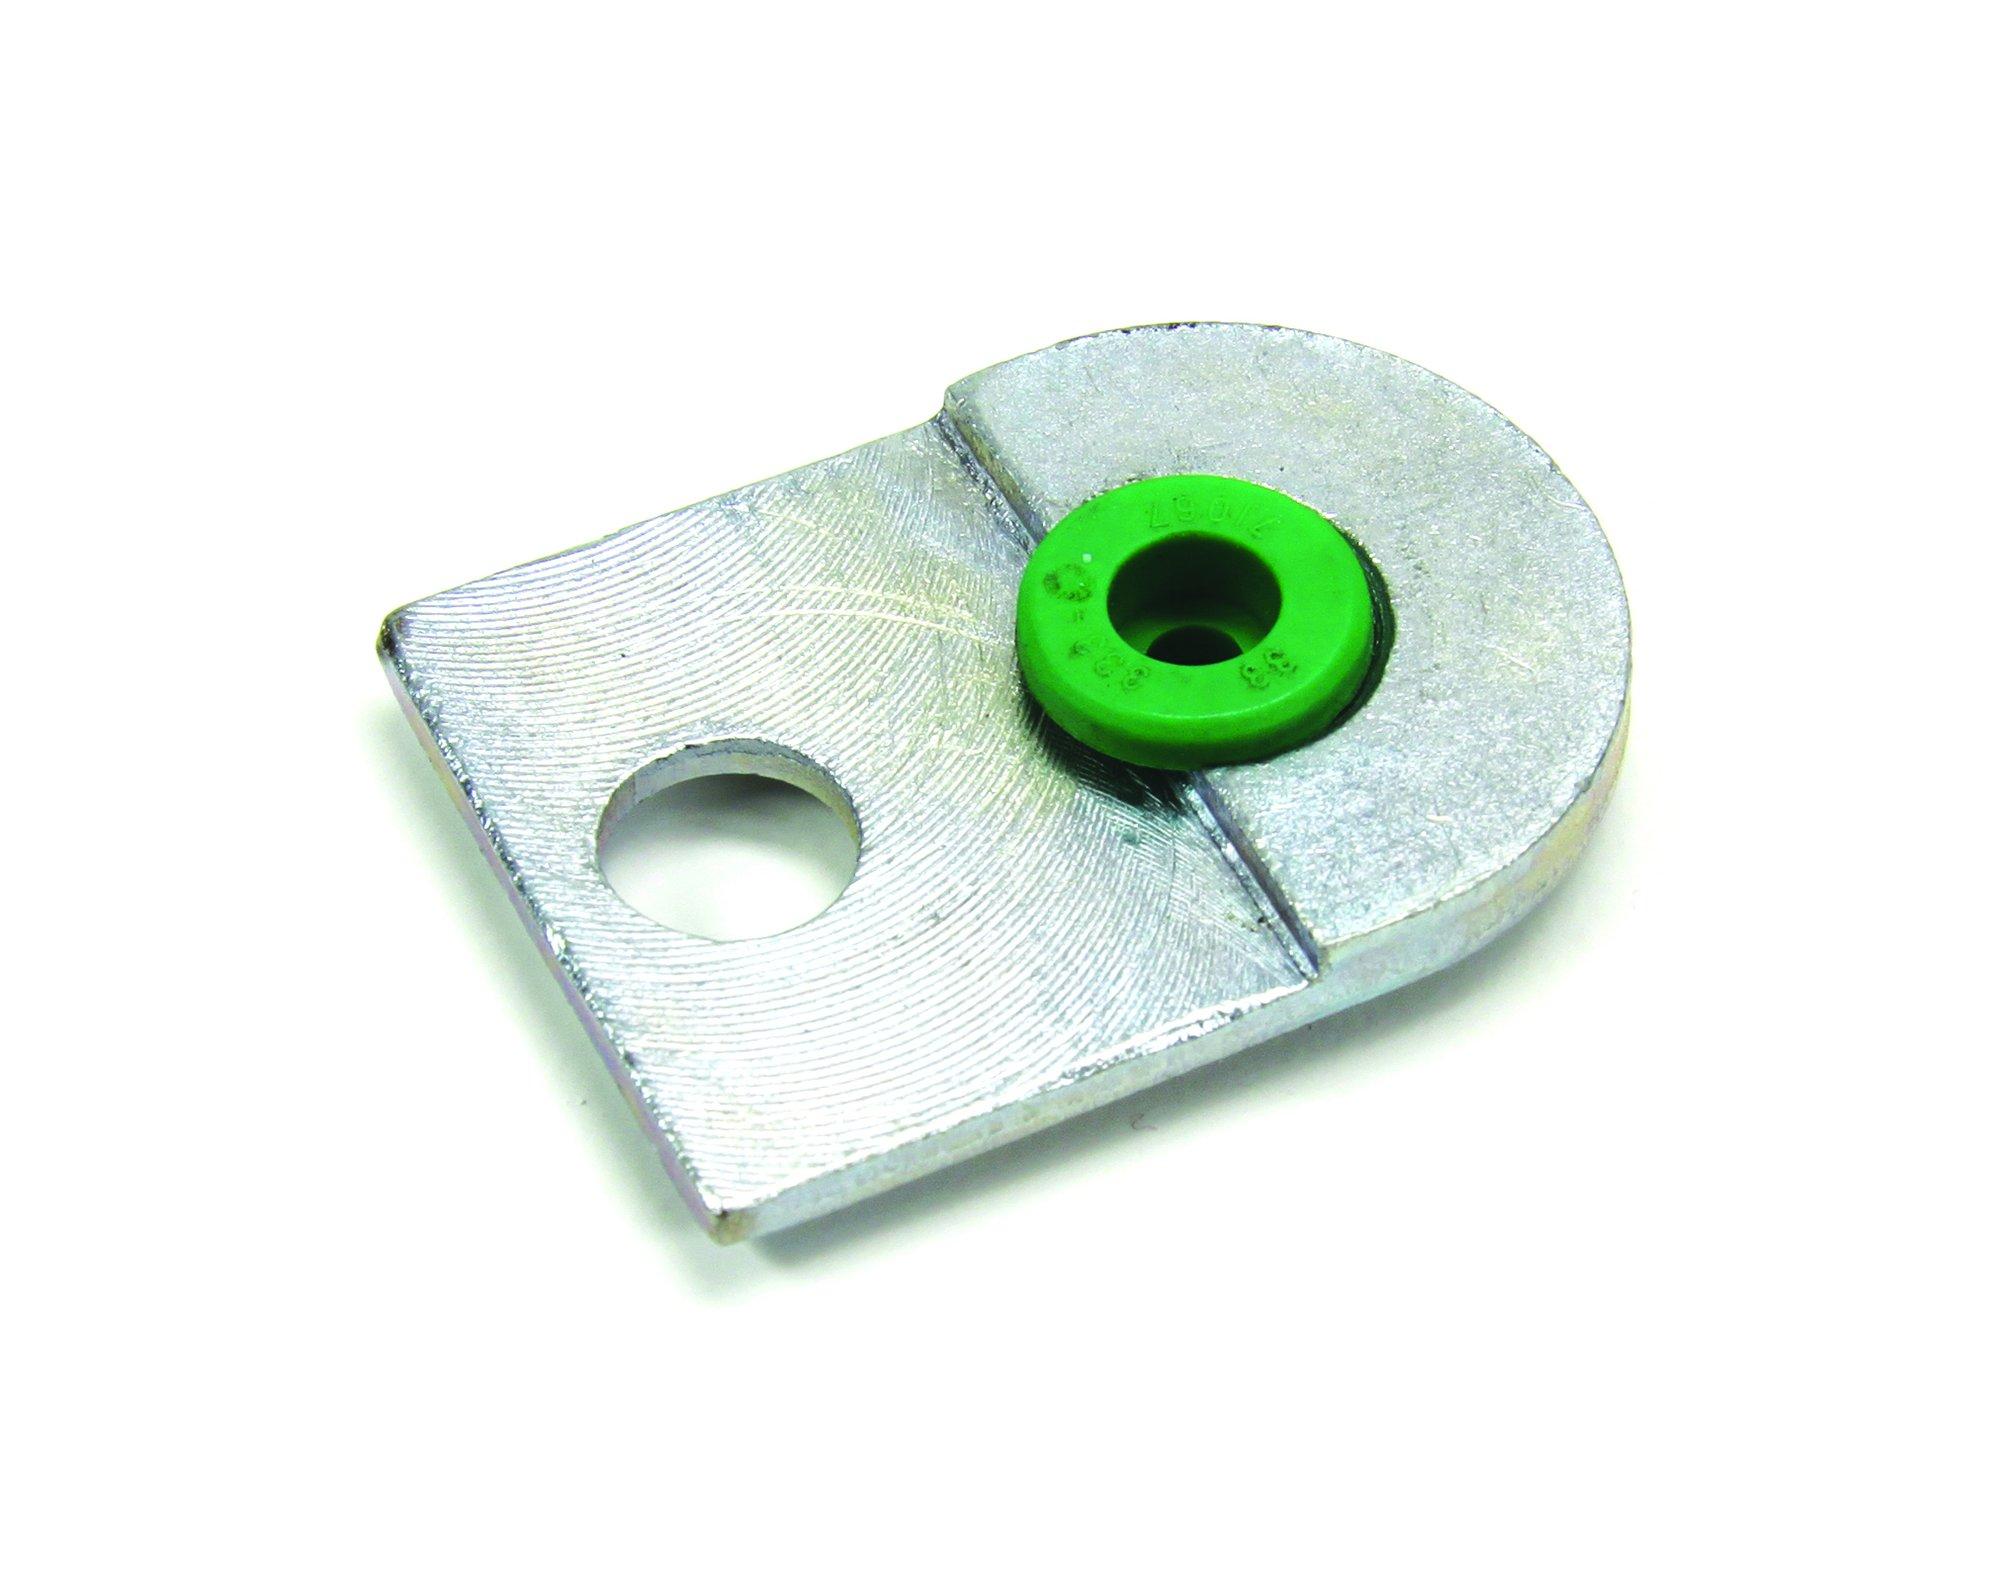 Teraflex 1900003 TJ 03+ Shift Linkage Plate Kit